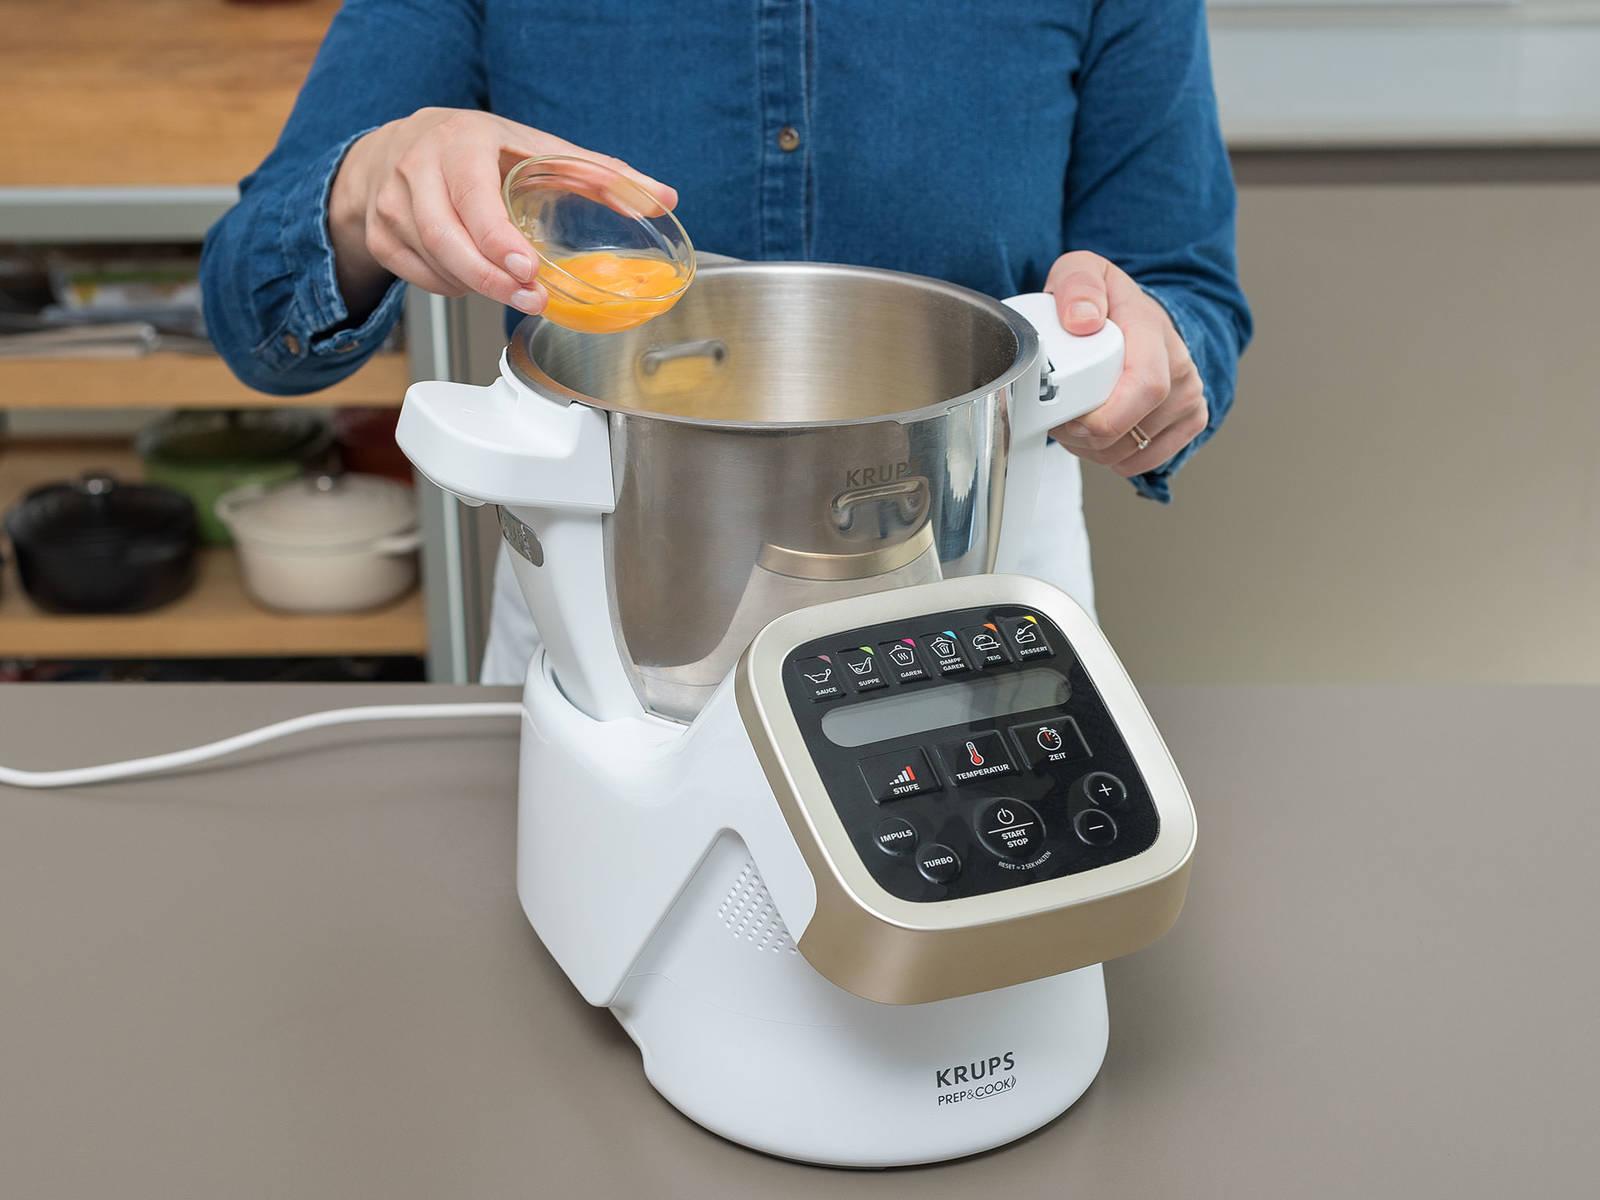 将冷黄油切丁。将面粉、冷黄油、蛋黄和一撮盐放到一起,加点冷水,搅打至形成柔软面团。如果面团看起来有点干,可加入更多冷水,一次一点点,直至面团成型。用塑料膜裹住,冷藏30分钟。